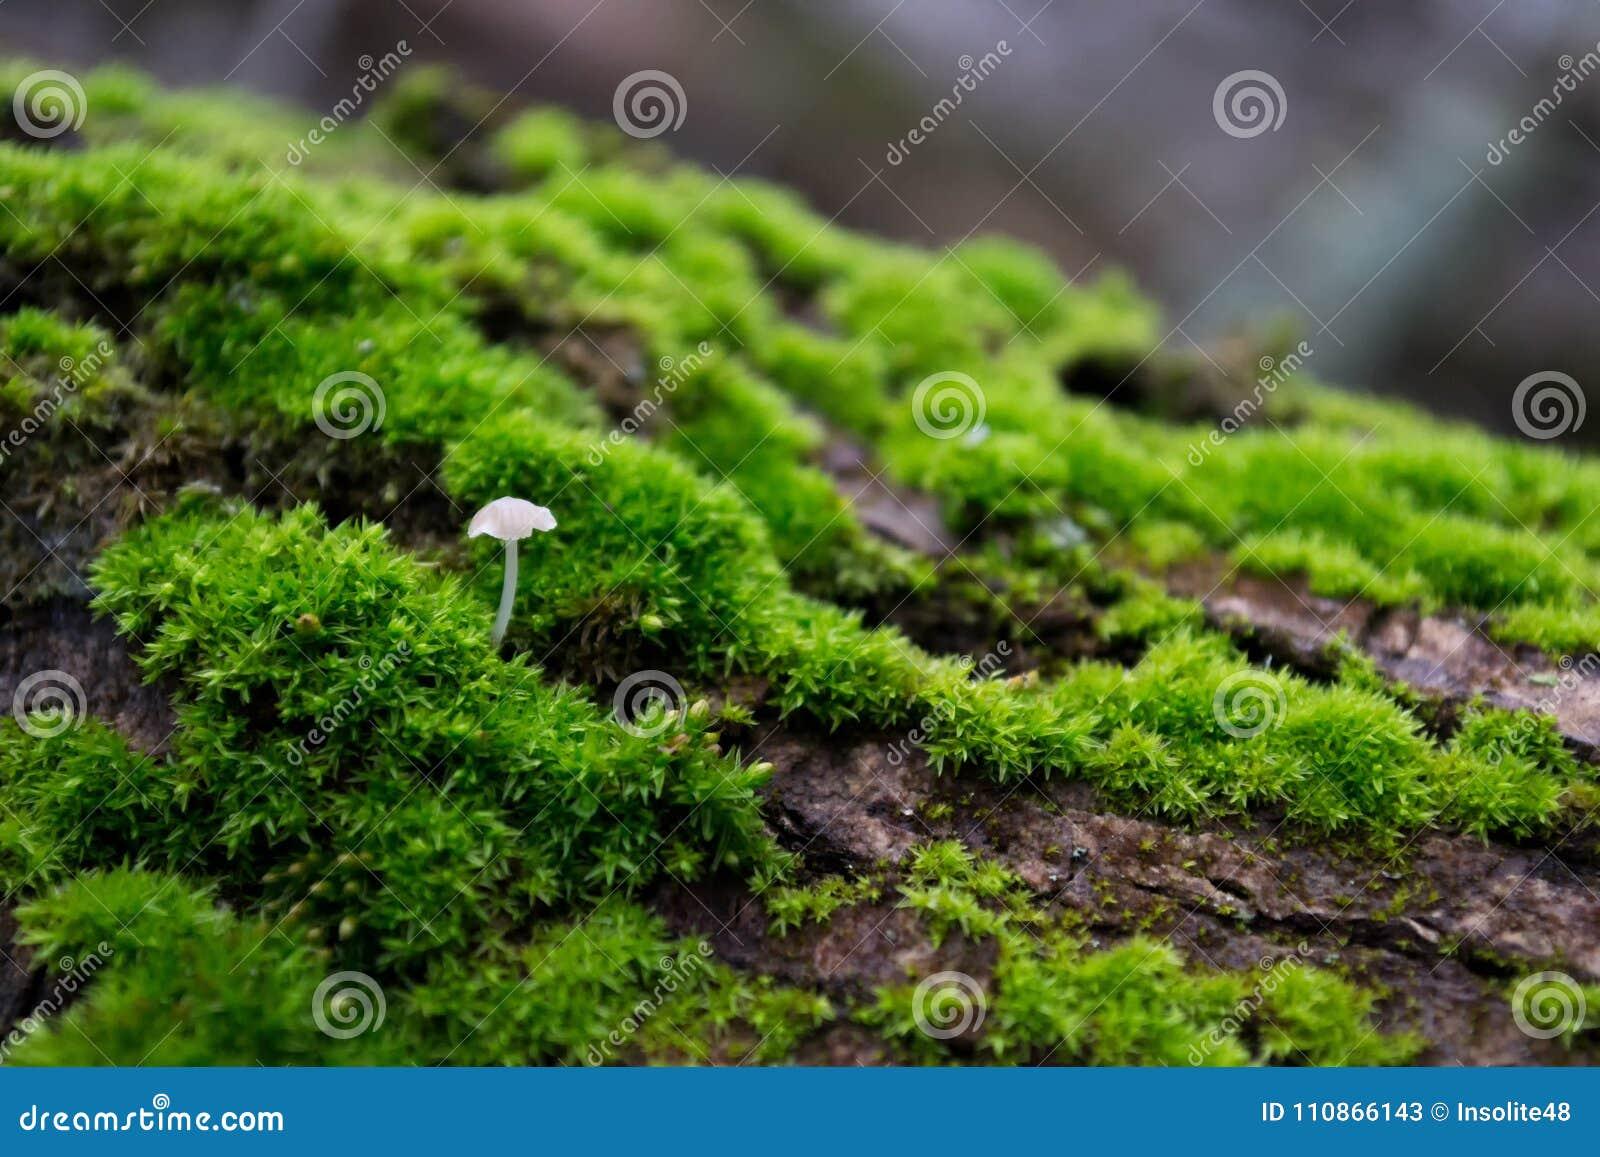 Weißer Pilz auf Baumrinde, unter dem Grün, helles, Pelzmoos